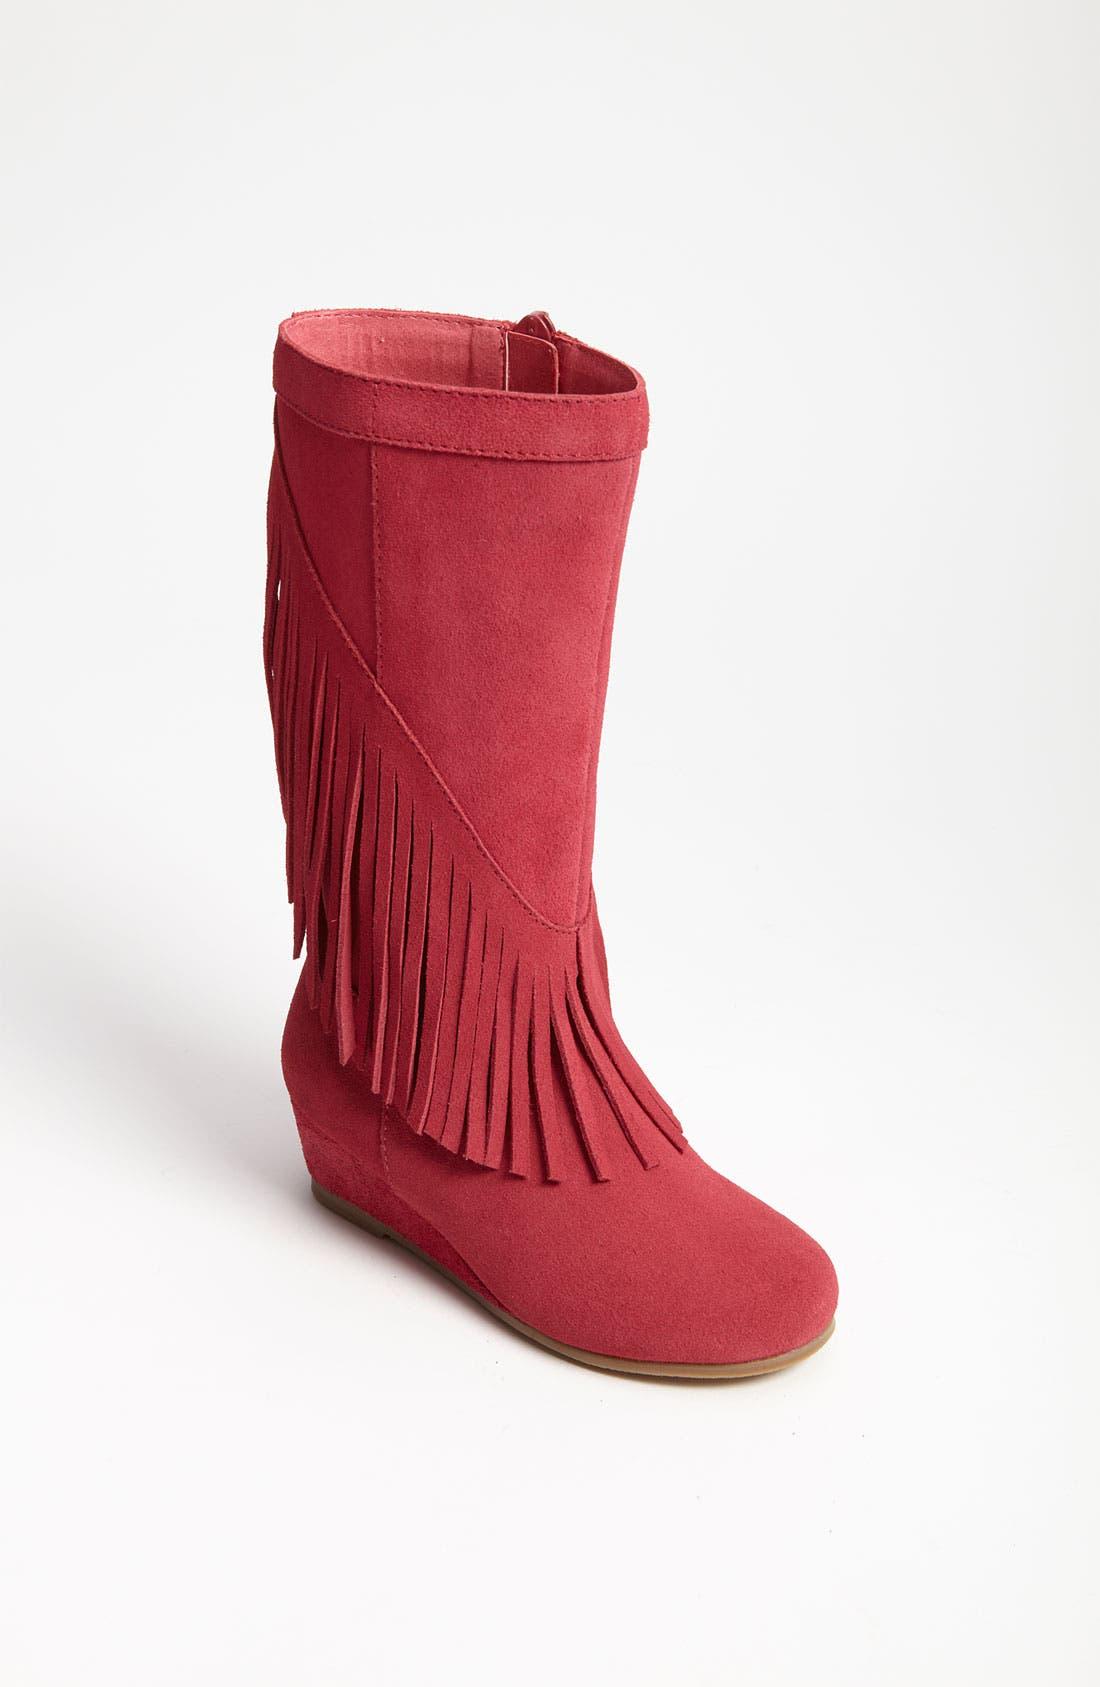 Alternate Image 1 Selected - Steve Madden 'Fringey' Boot (Toddler)